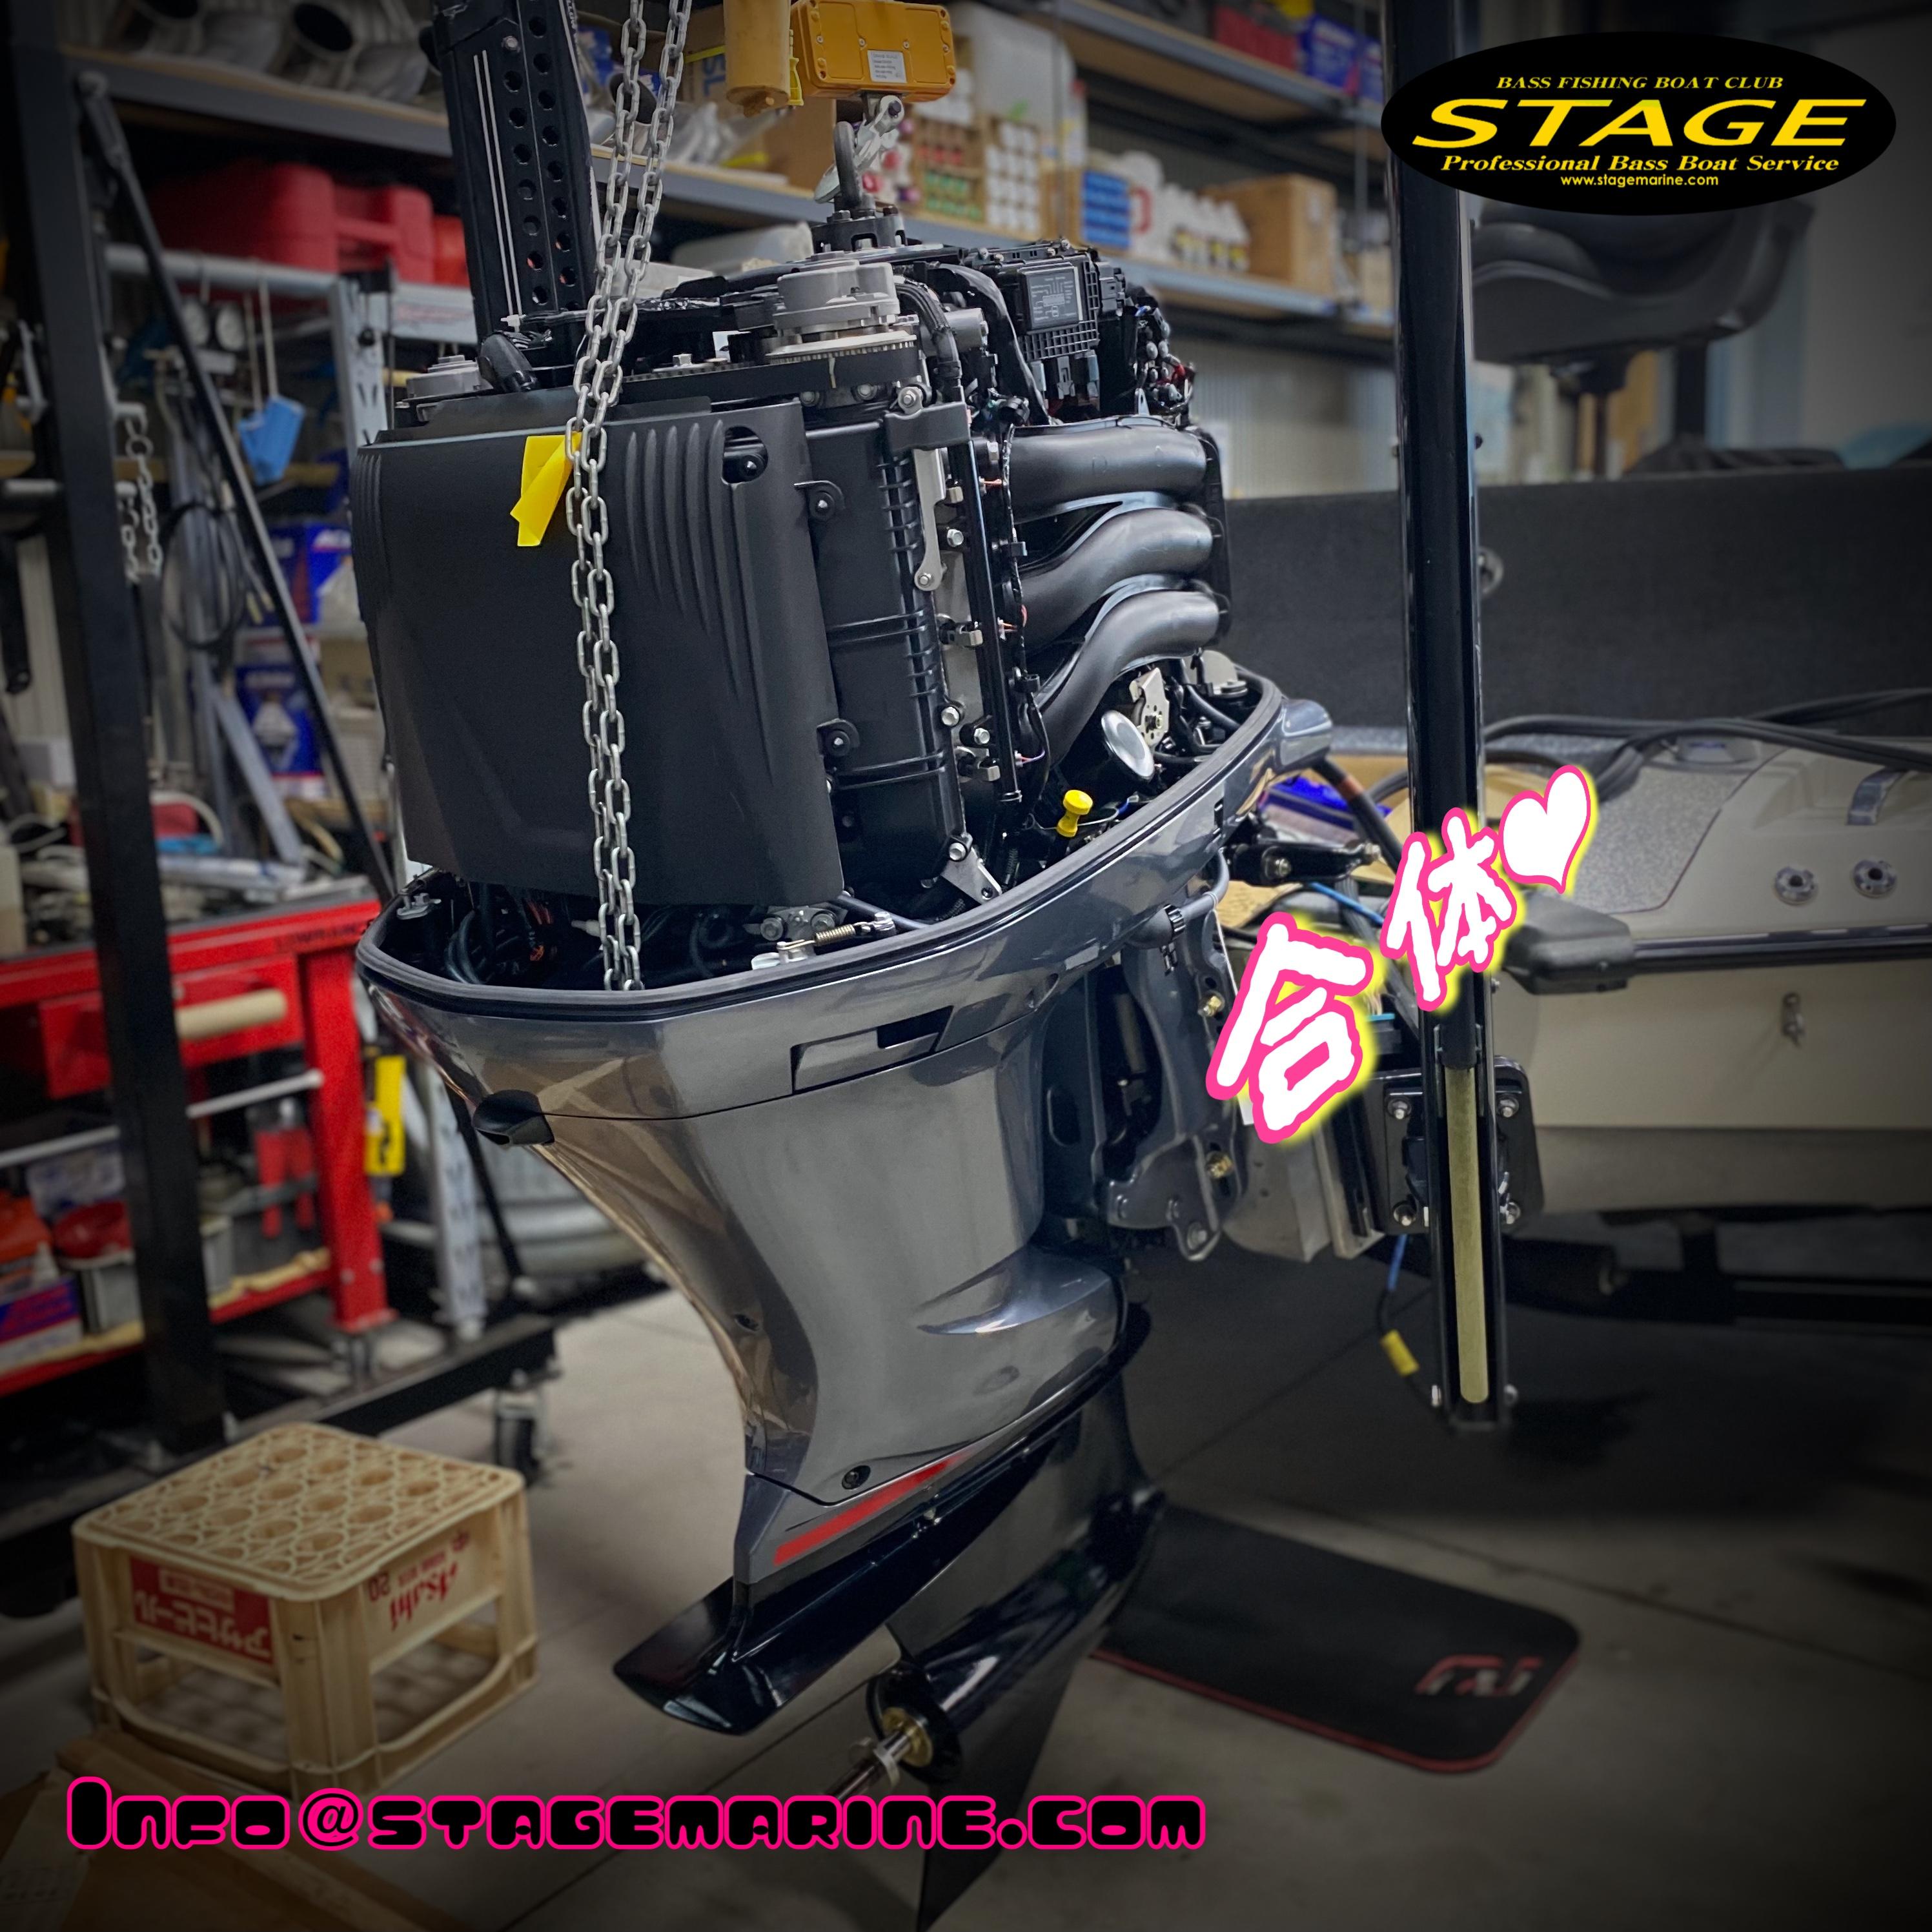 V MAX 4.2L 250 hp